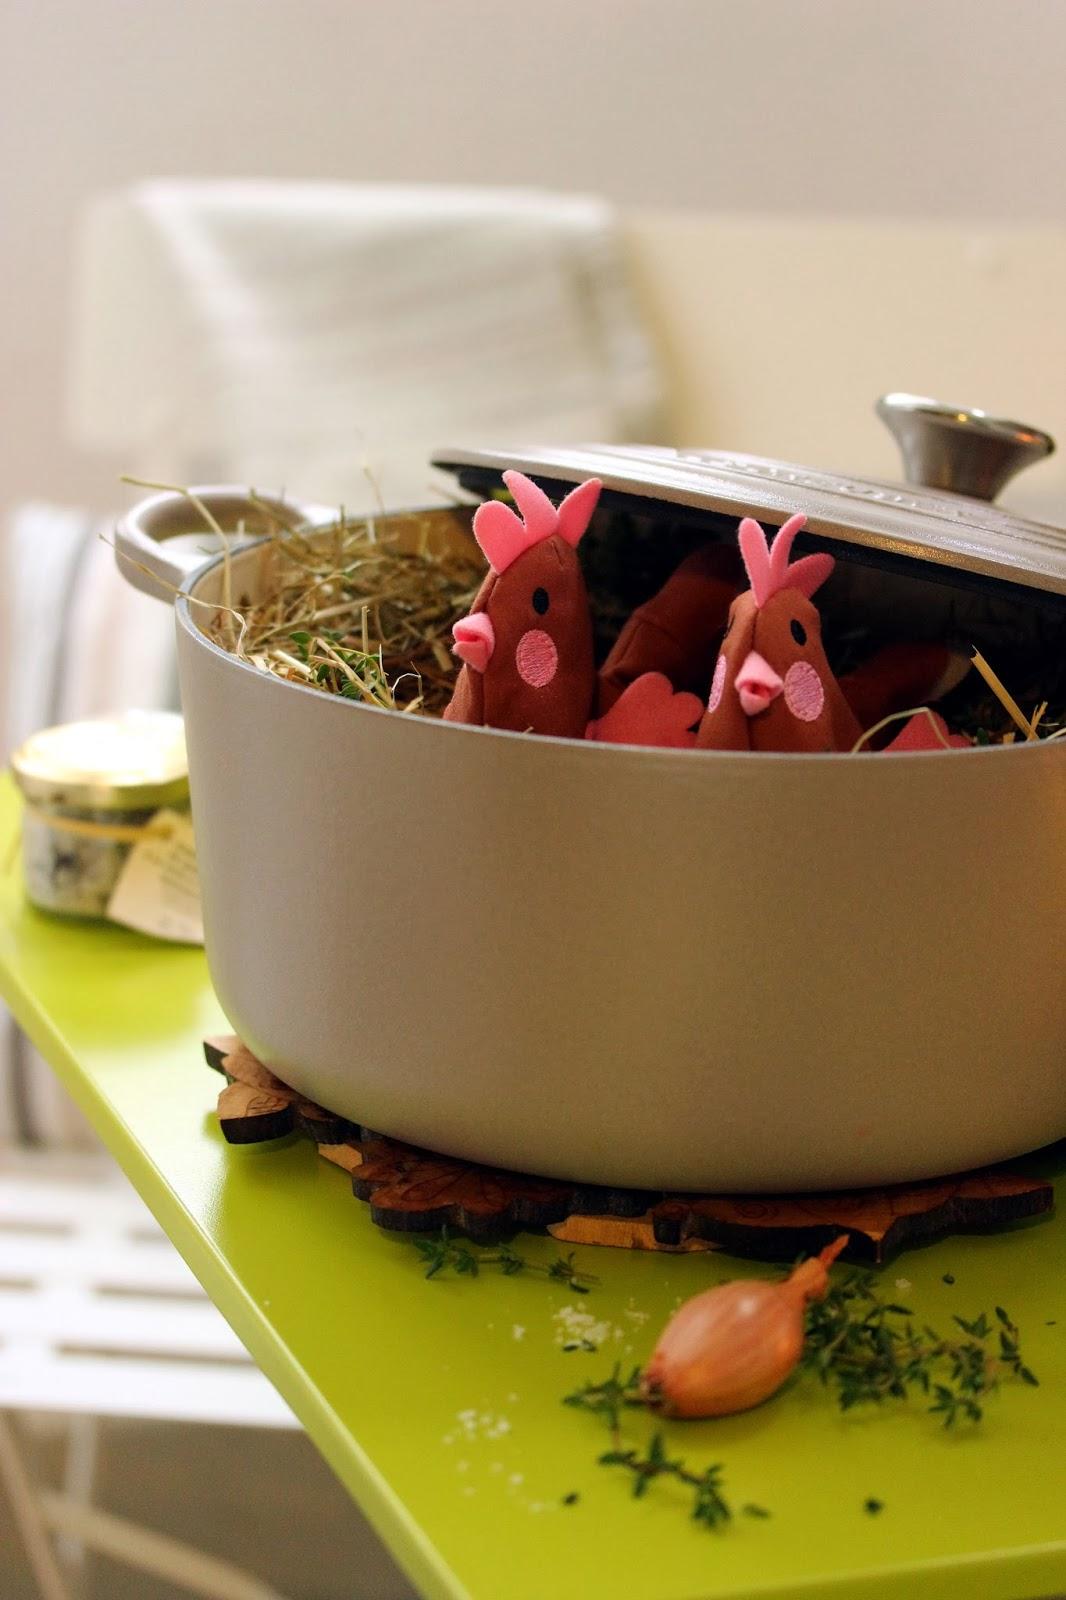 Dans la cuisine de sophie jeu concours remportez la nouvelle gamme m - Jeu concours cuisine ...